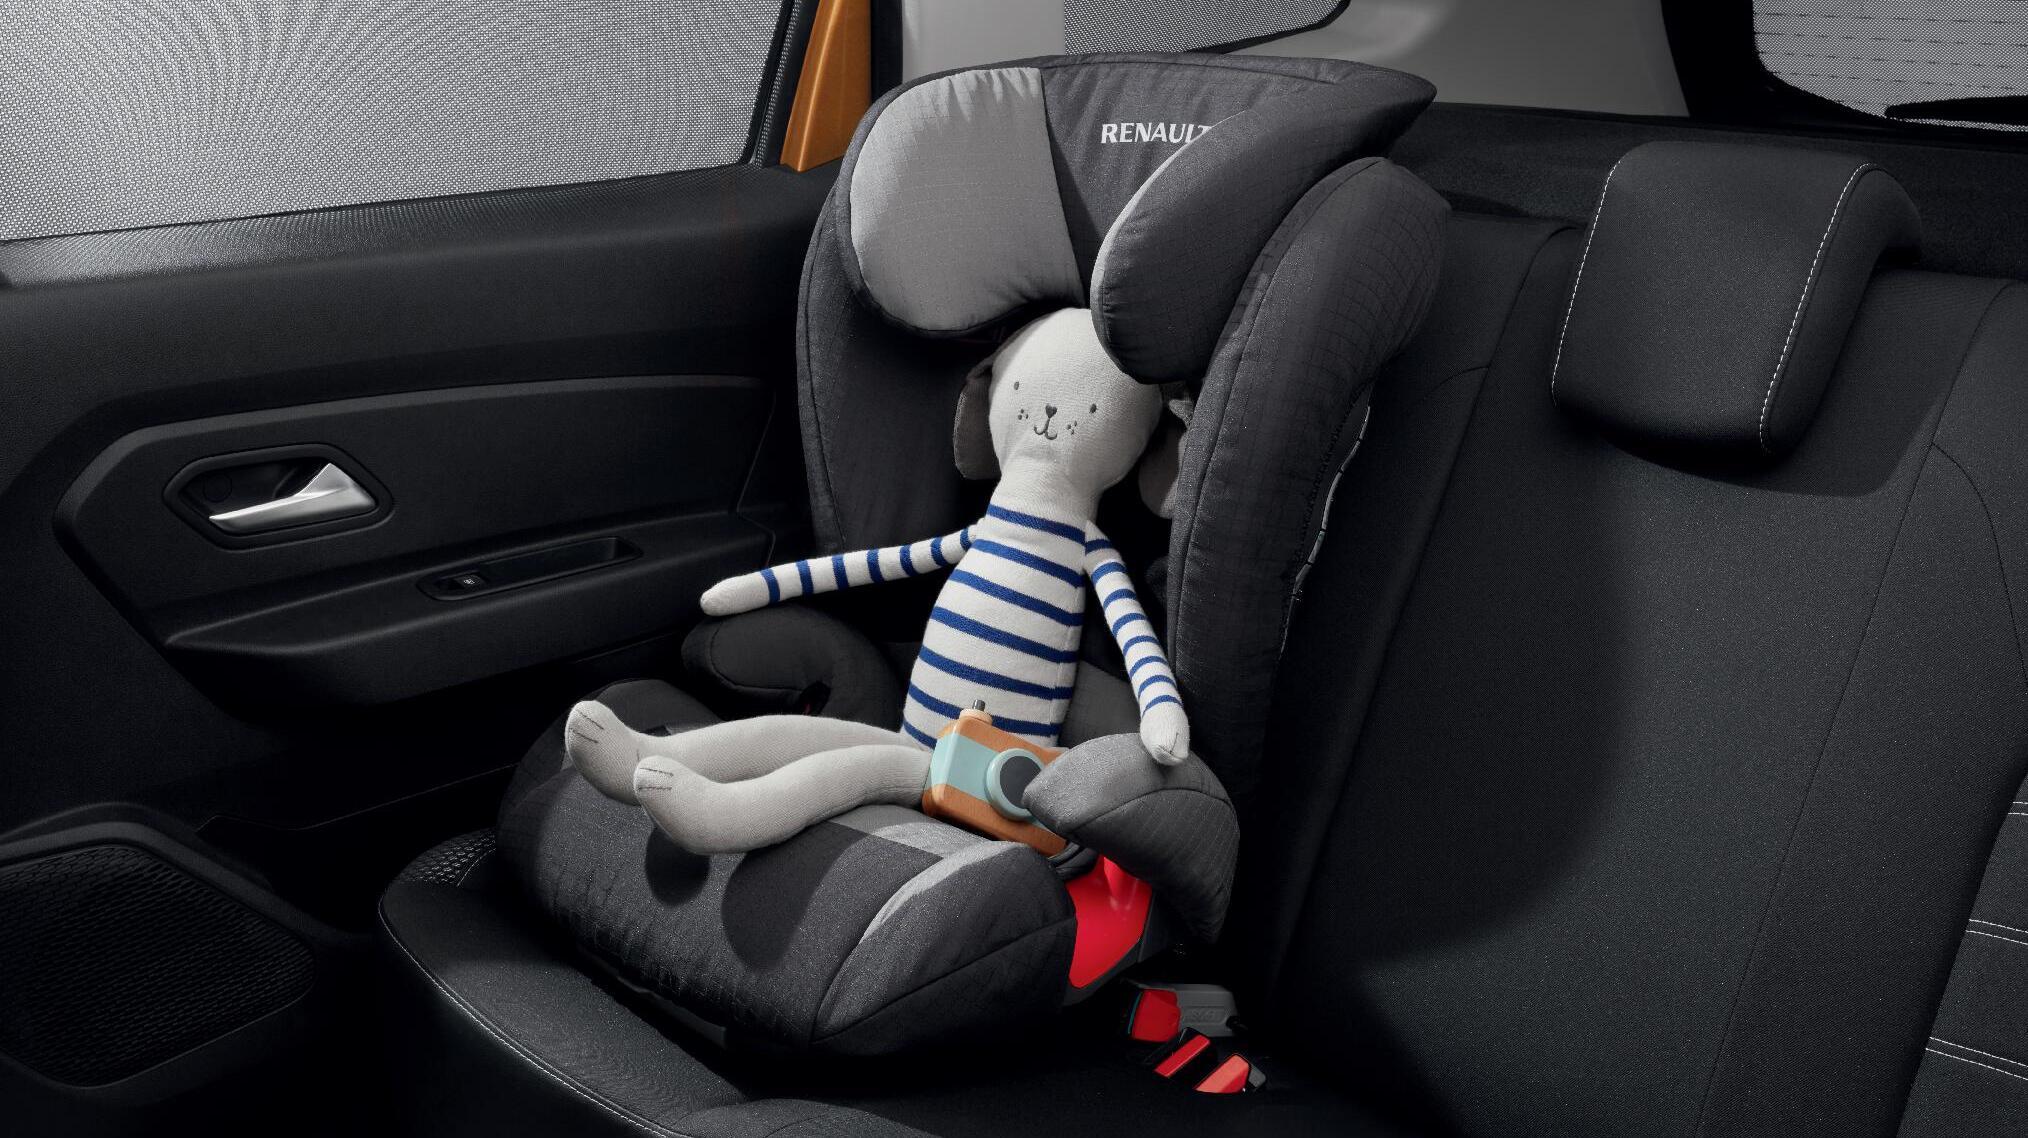 Arka yan koltuklarda çocuk koltuğu için Isofix bağlantı sistemi